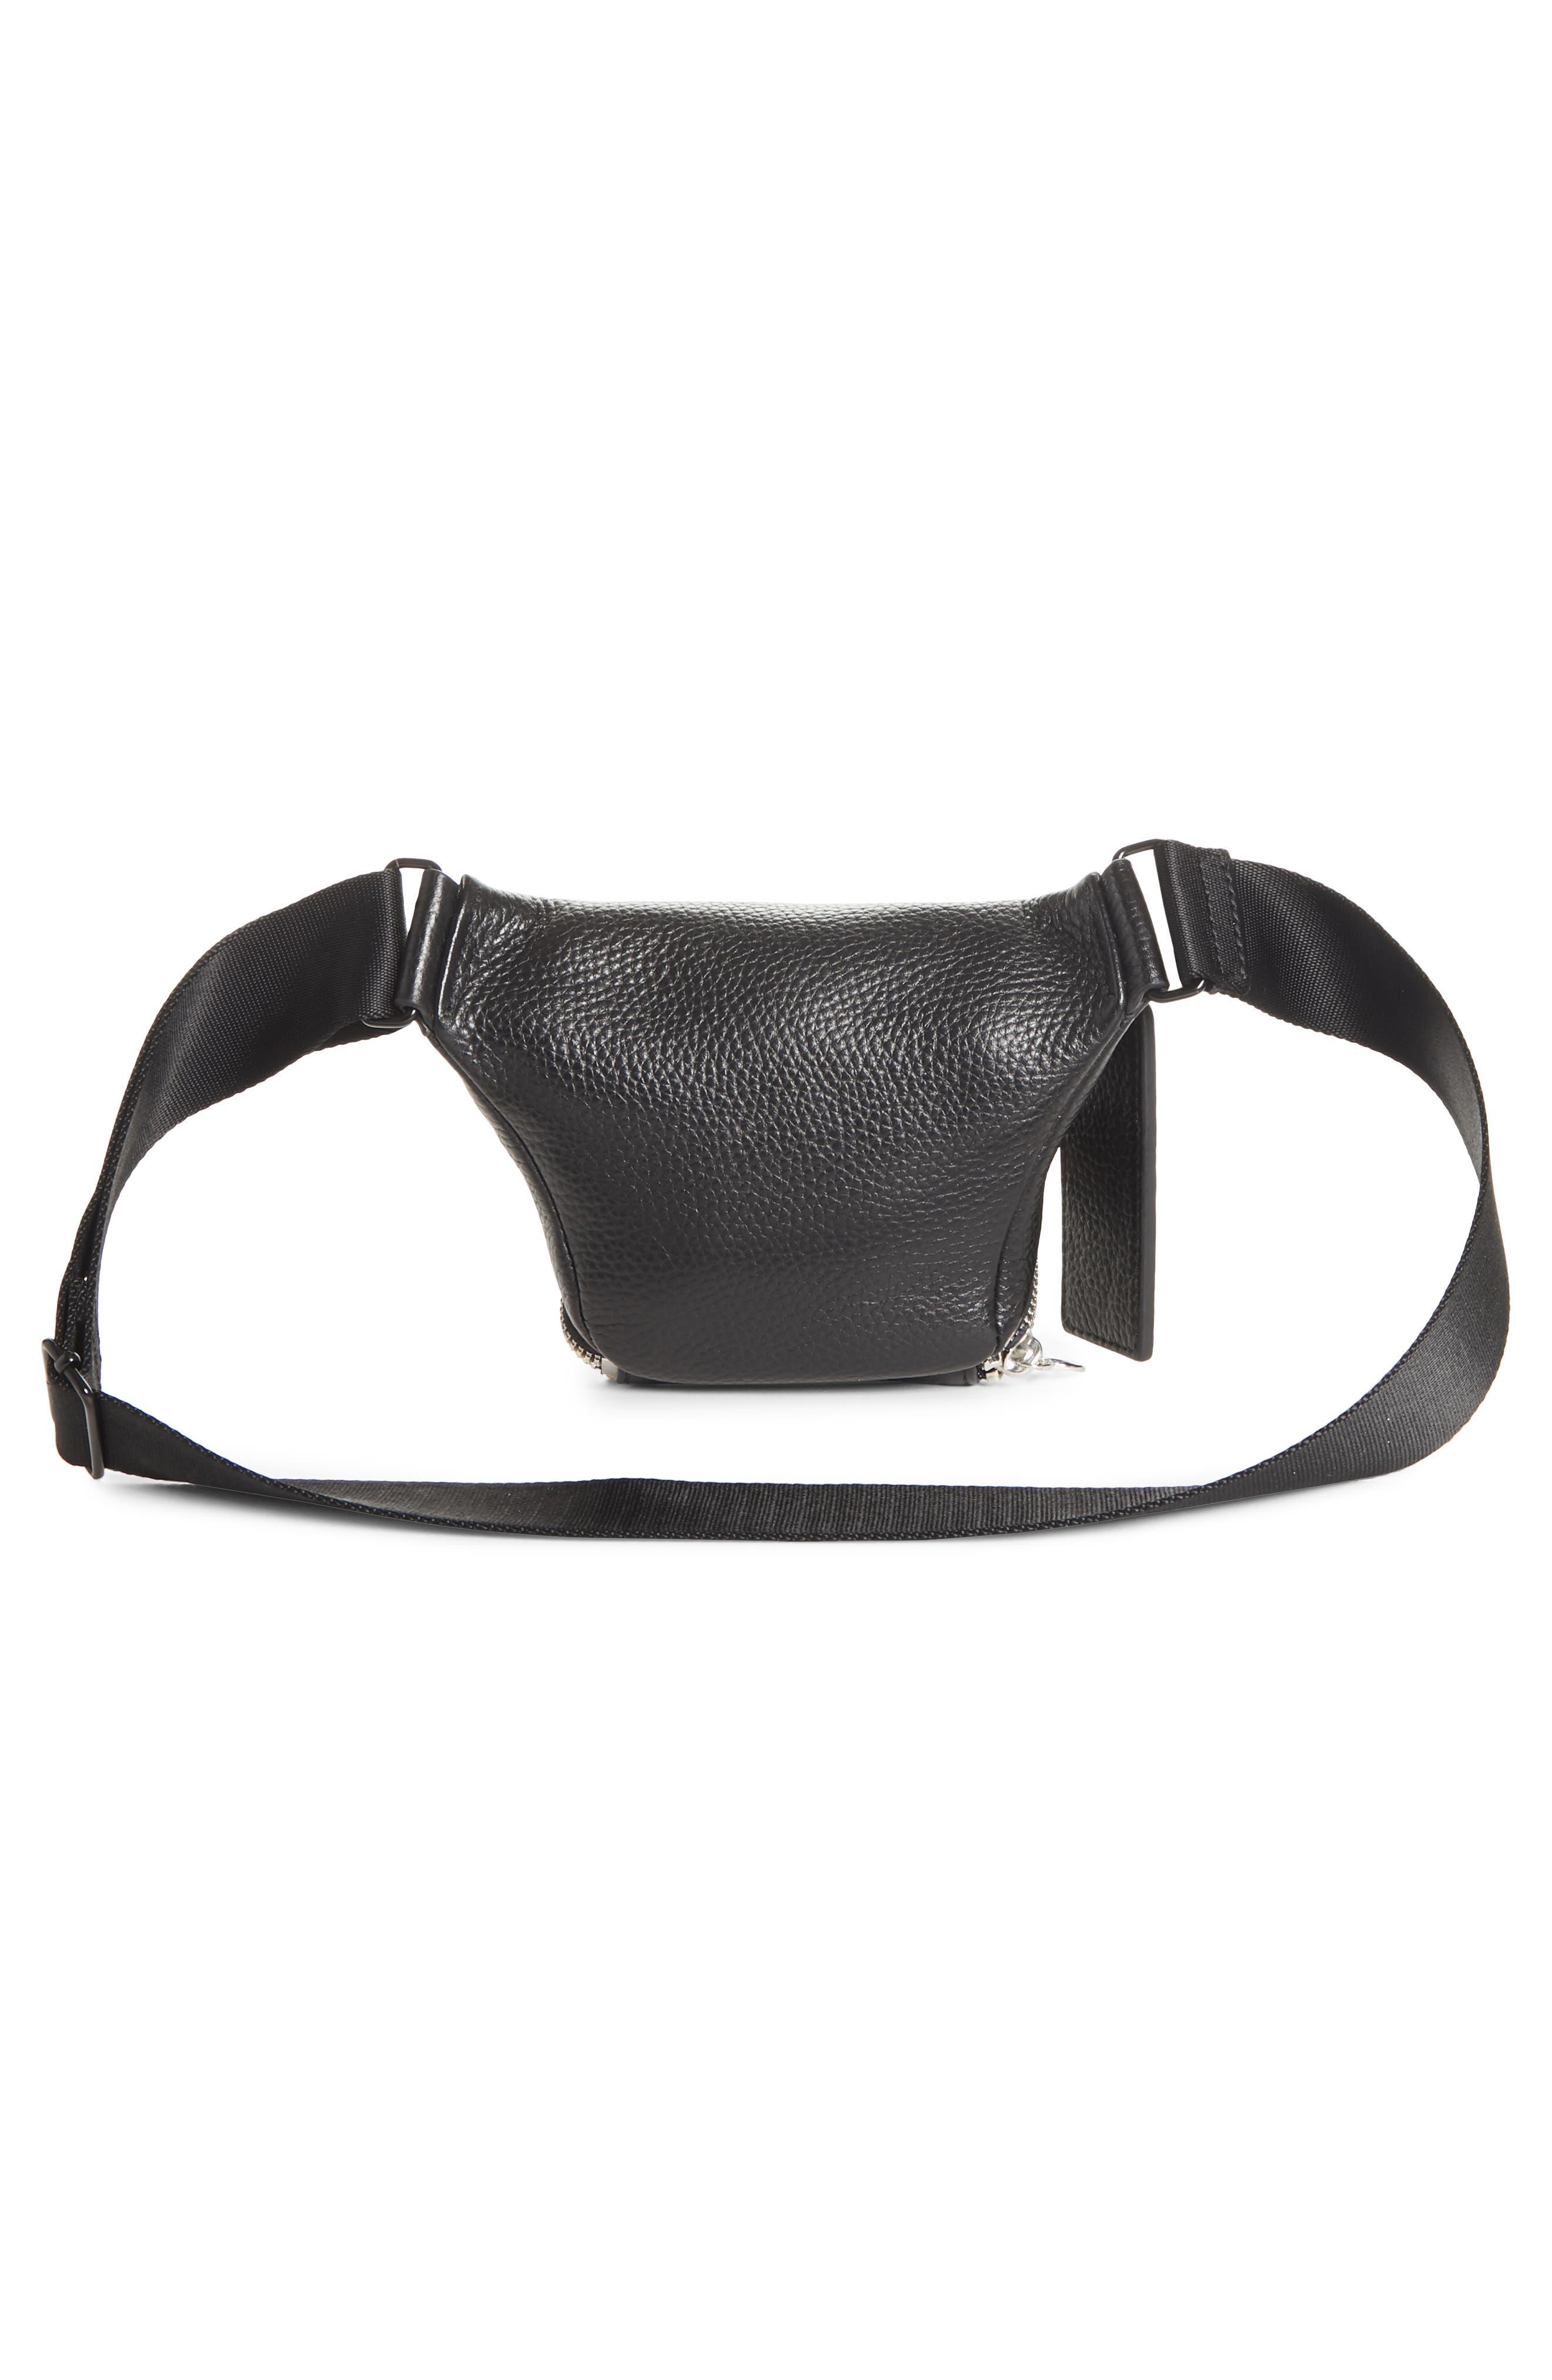 Leather Bum Bag,                             Alternate thumbnail 3, color,                             001